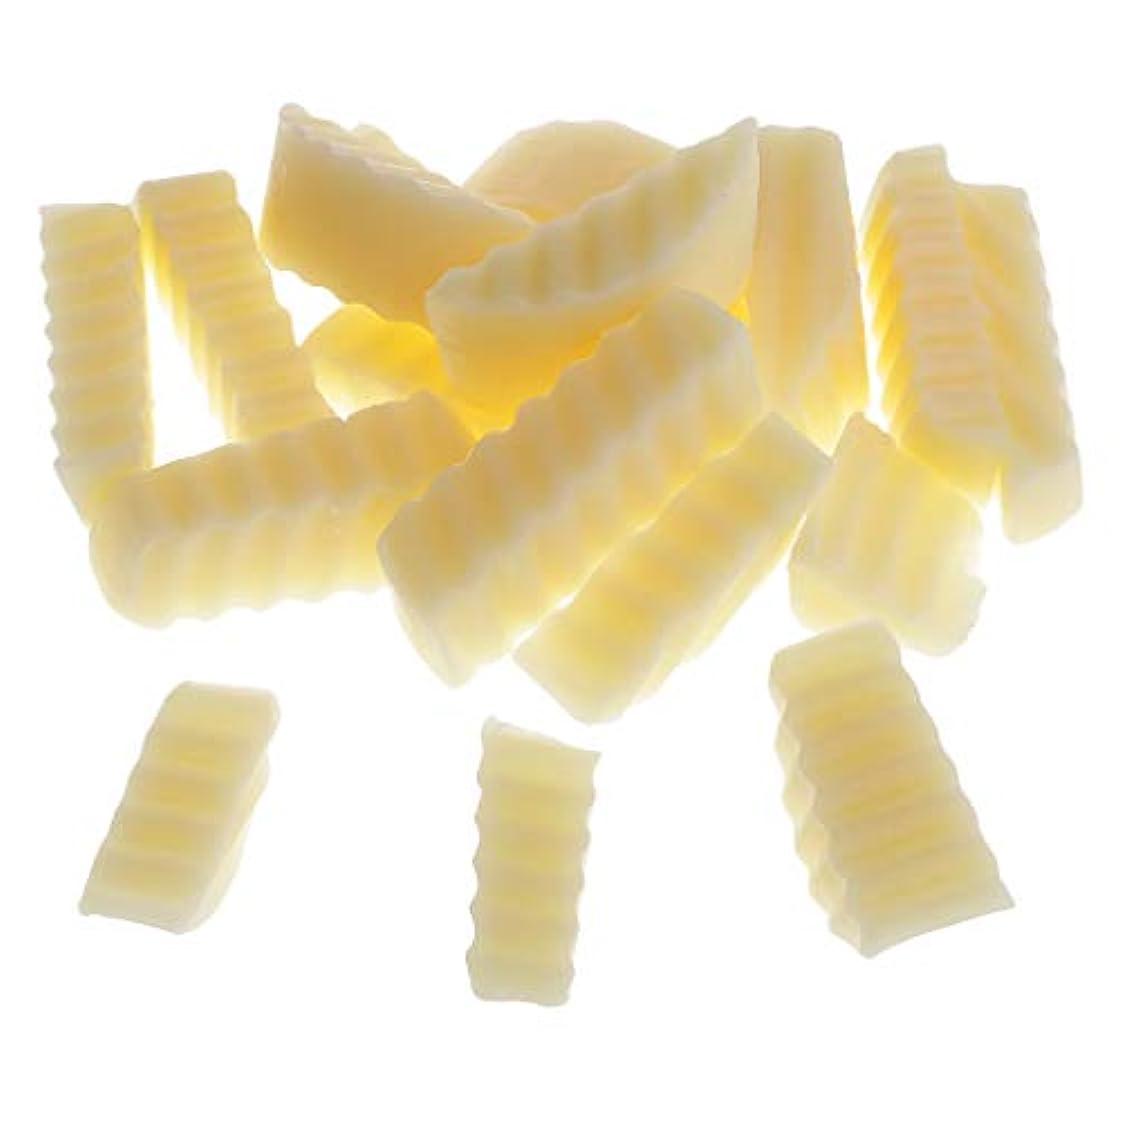 ふける危険にさらされているかかわらずFLAMEER ラノリン石鹸 自然な素材 DIY手作り 石鹸 固形せっけん 約250g /パック 高品質